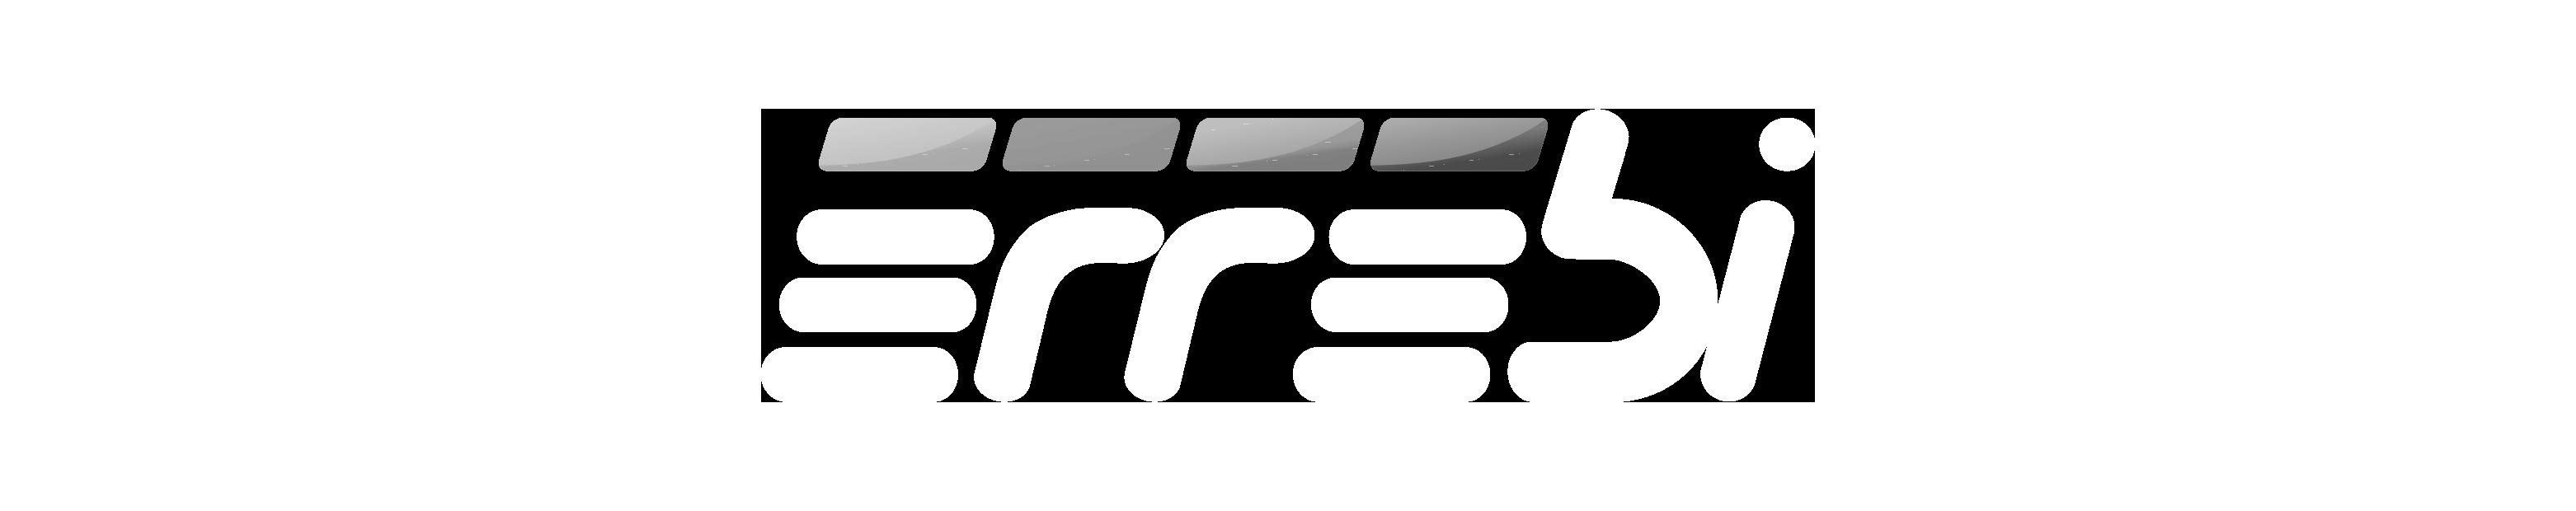 05.ERREBI